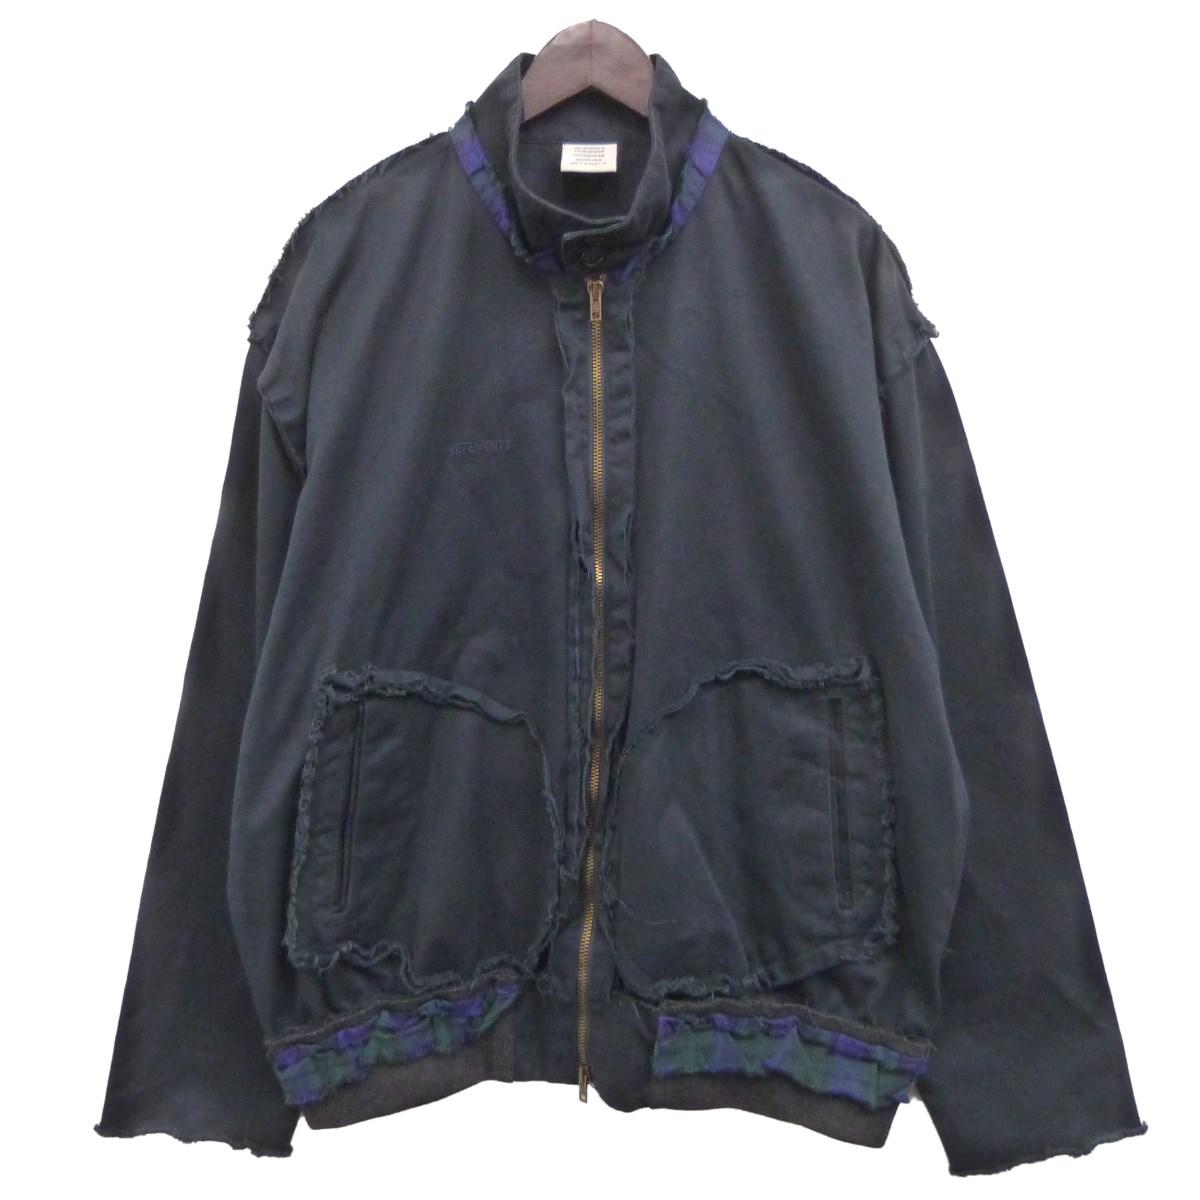 【中古】VETEMENTS 18AWインサイドアウトジャケット ダークネイビー サイズ:M 【270420】(ヴェトモン)